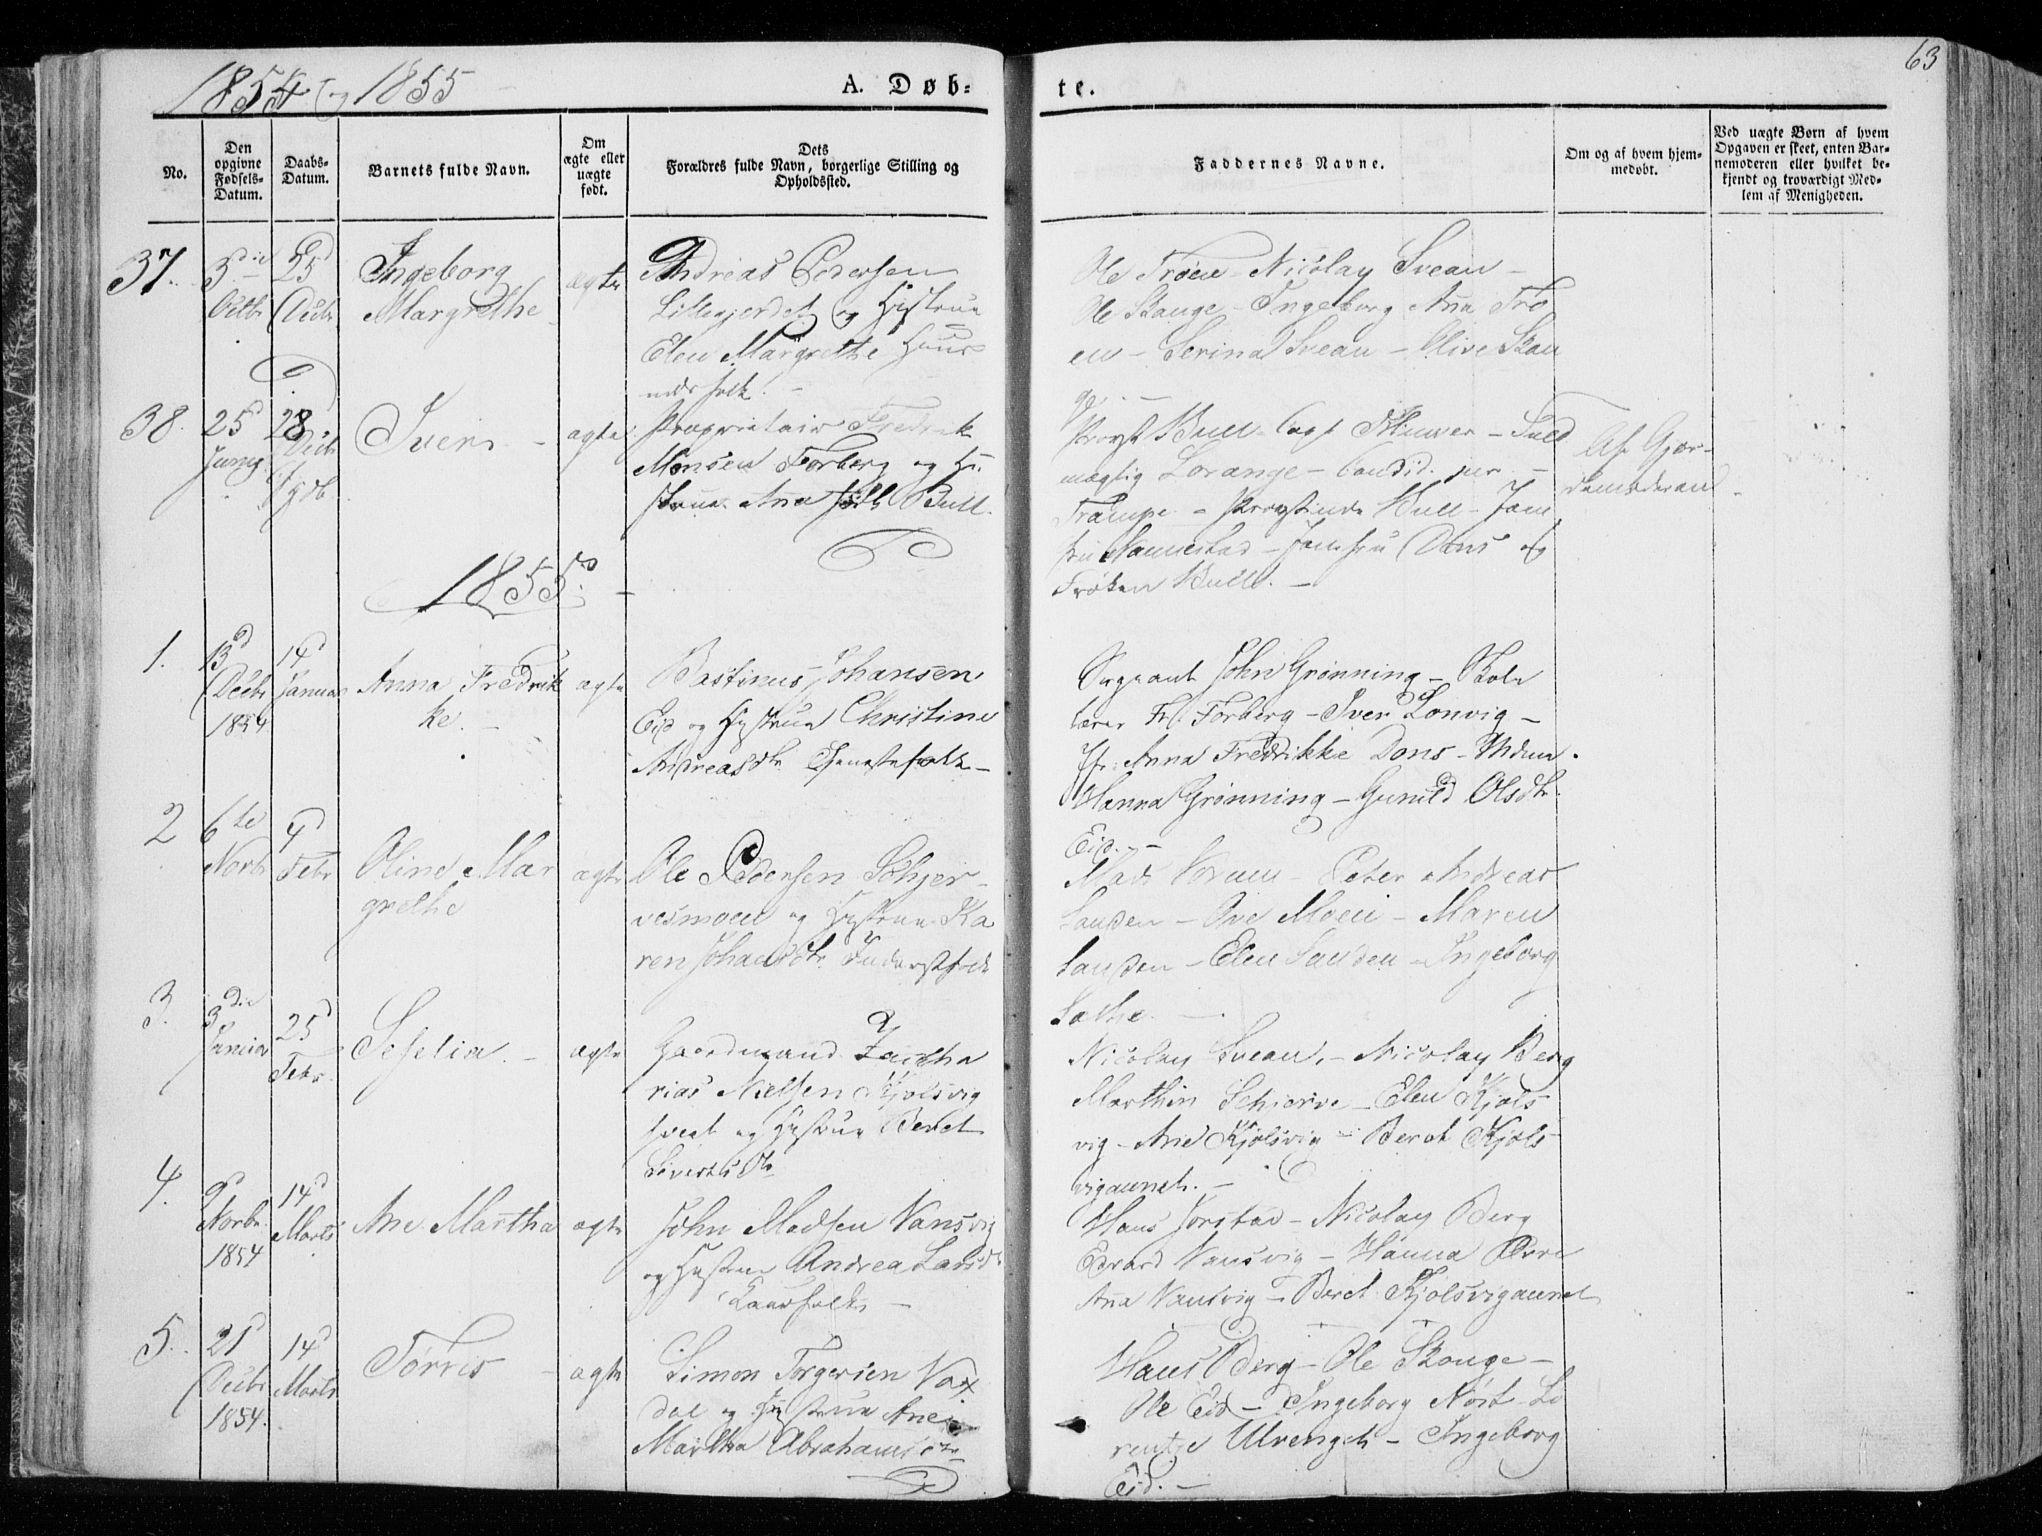 SAT, Ministerialprotokoller, klokkerbøker og fødselsregistre - Nord-Trøndelag, 722/L0218: Ministerialbok nr. 722A05, 1843-1868, s. 63